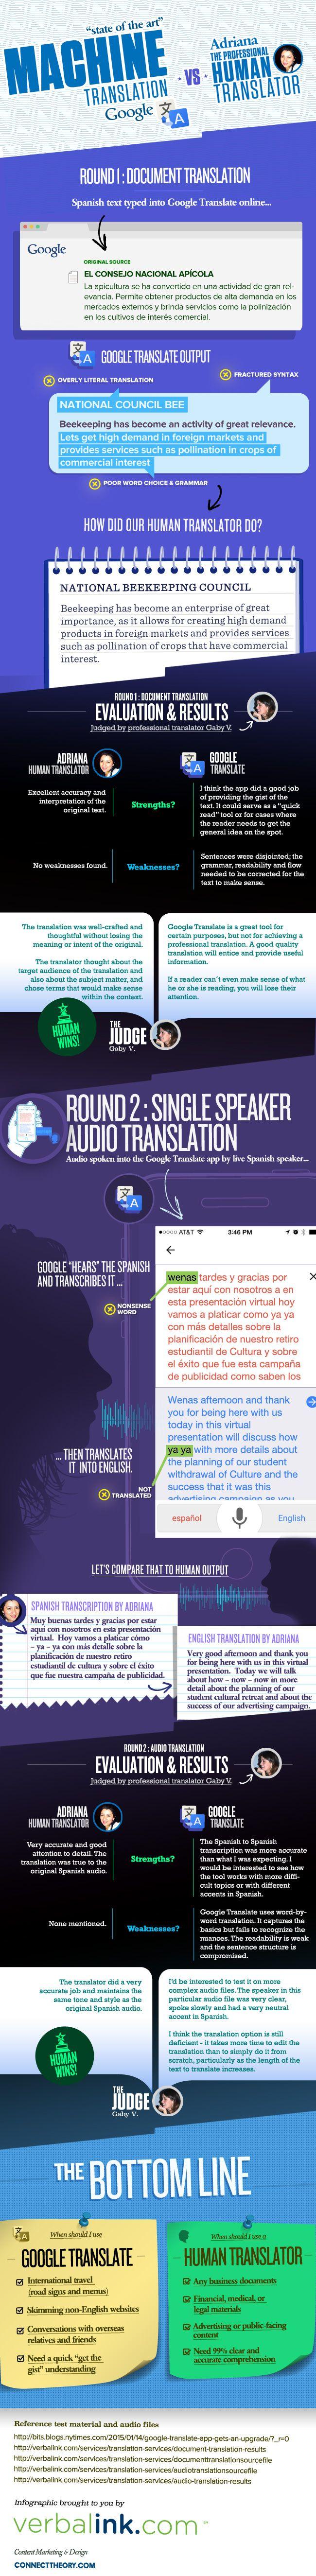 25 migliori idee di traduzione da arabo a inglese su Pinterest Languages-9462